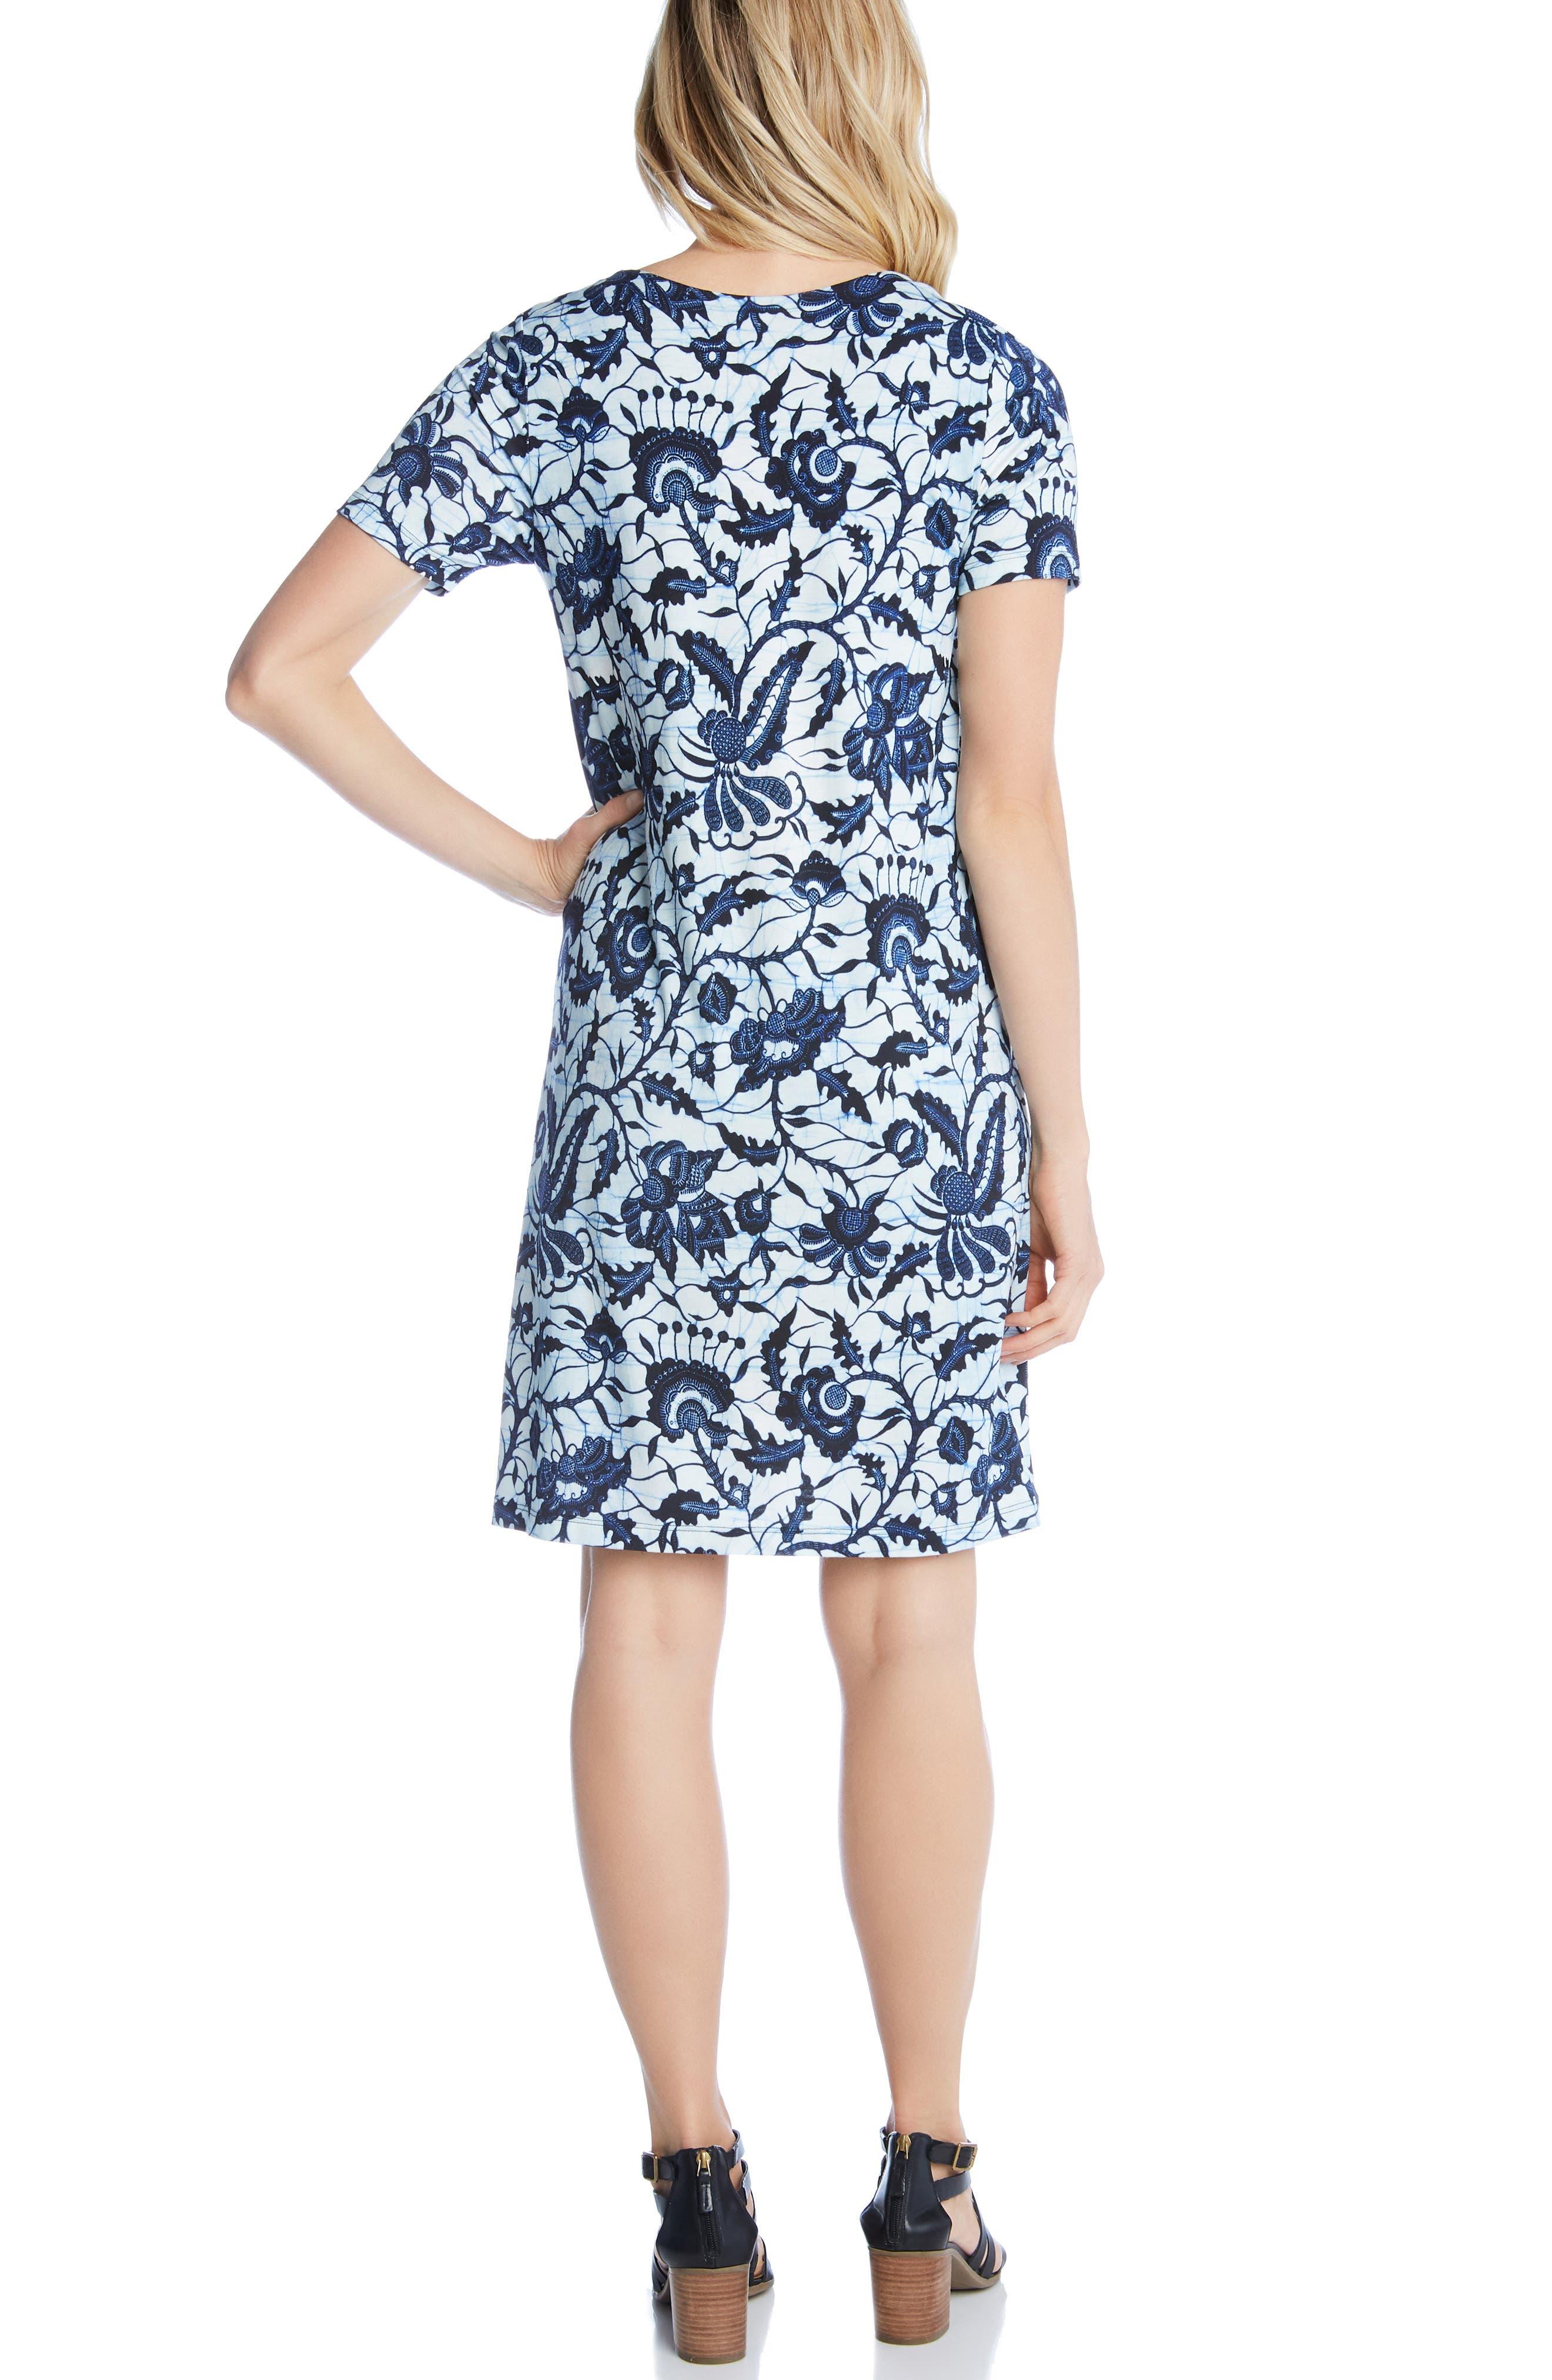 KAREN KANE, Abby V-Neck Dress, Alternate thumbnail 2, color, 400